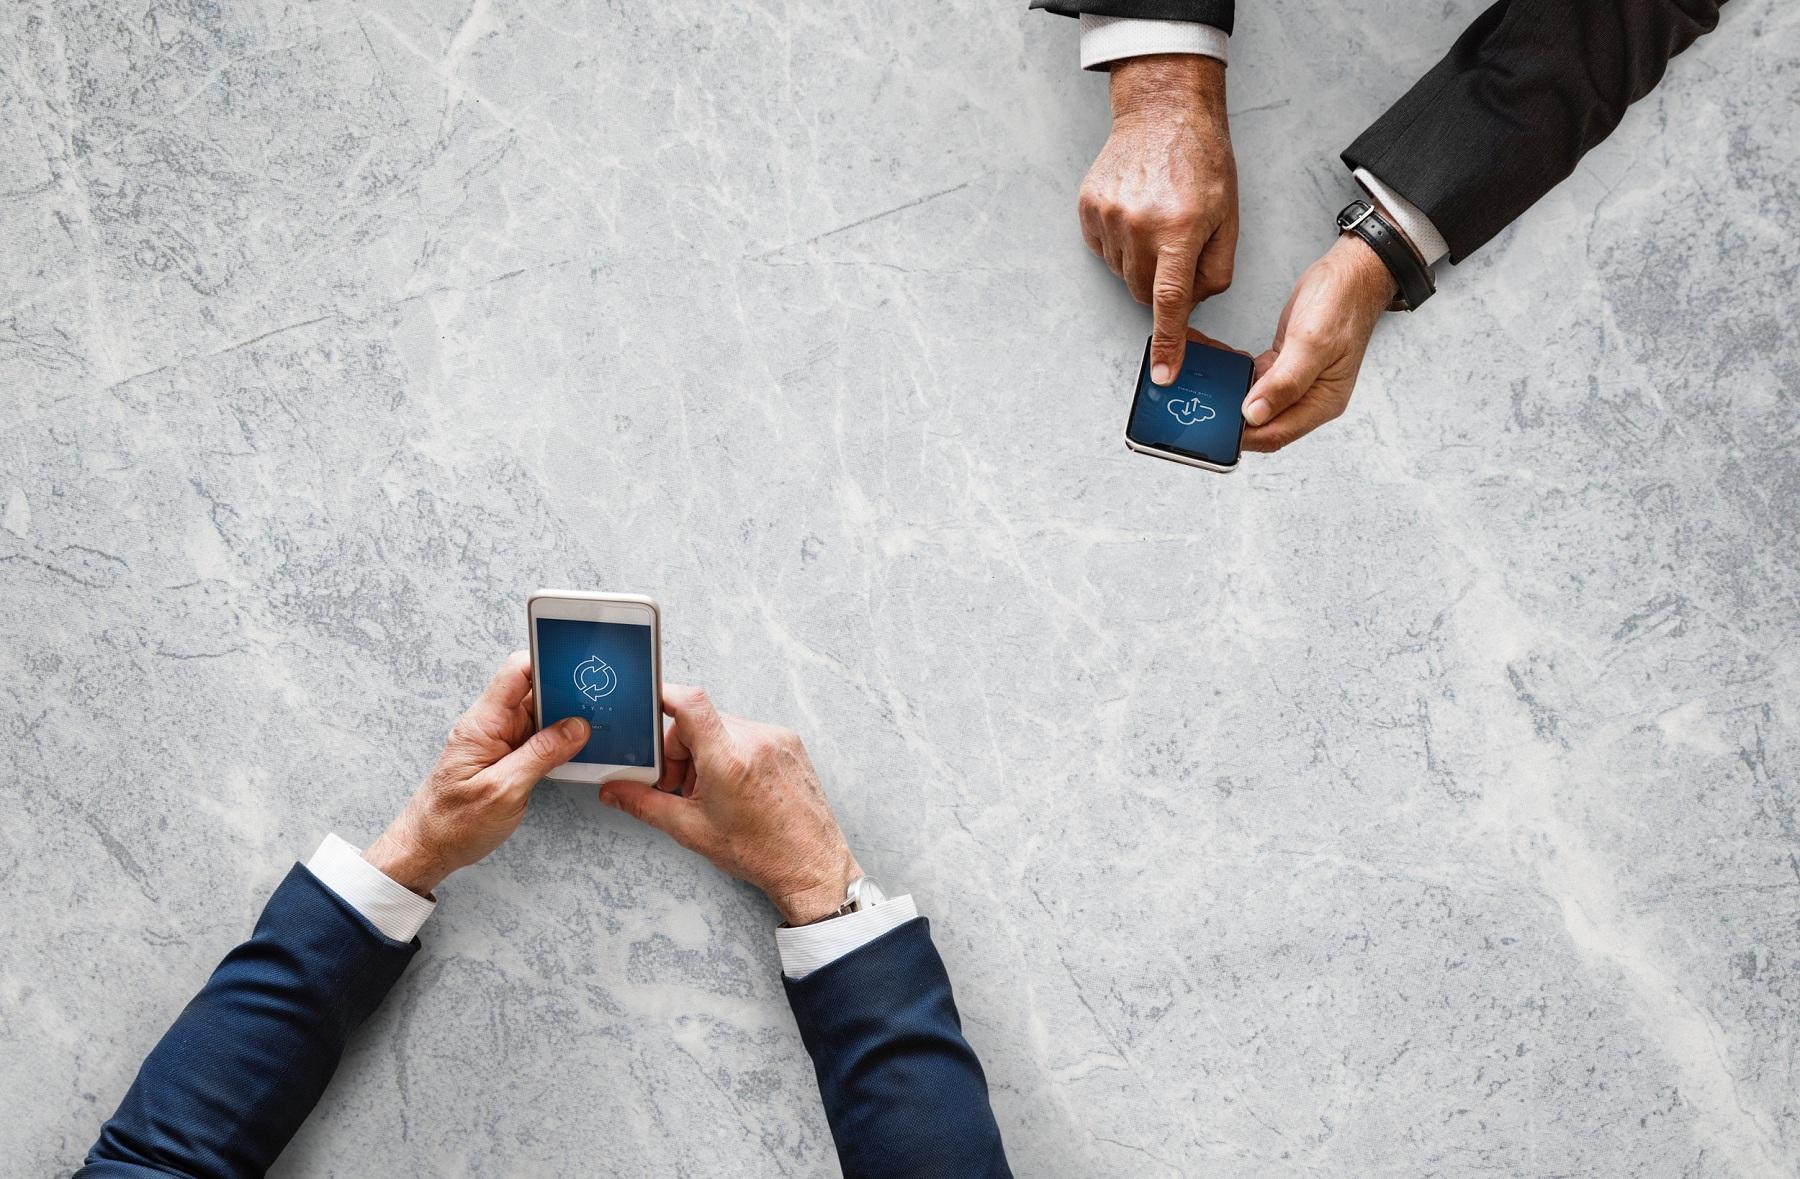 «Укргазбанк» запустив міжнародні перекази між платіжними картками через Welsend